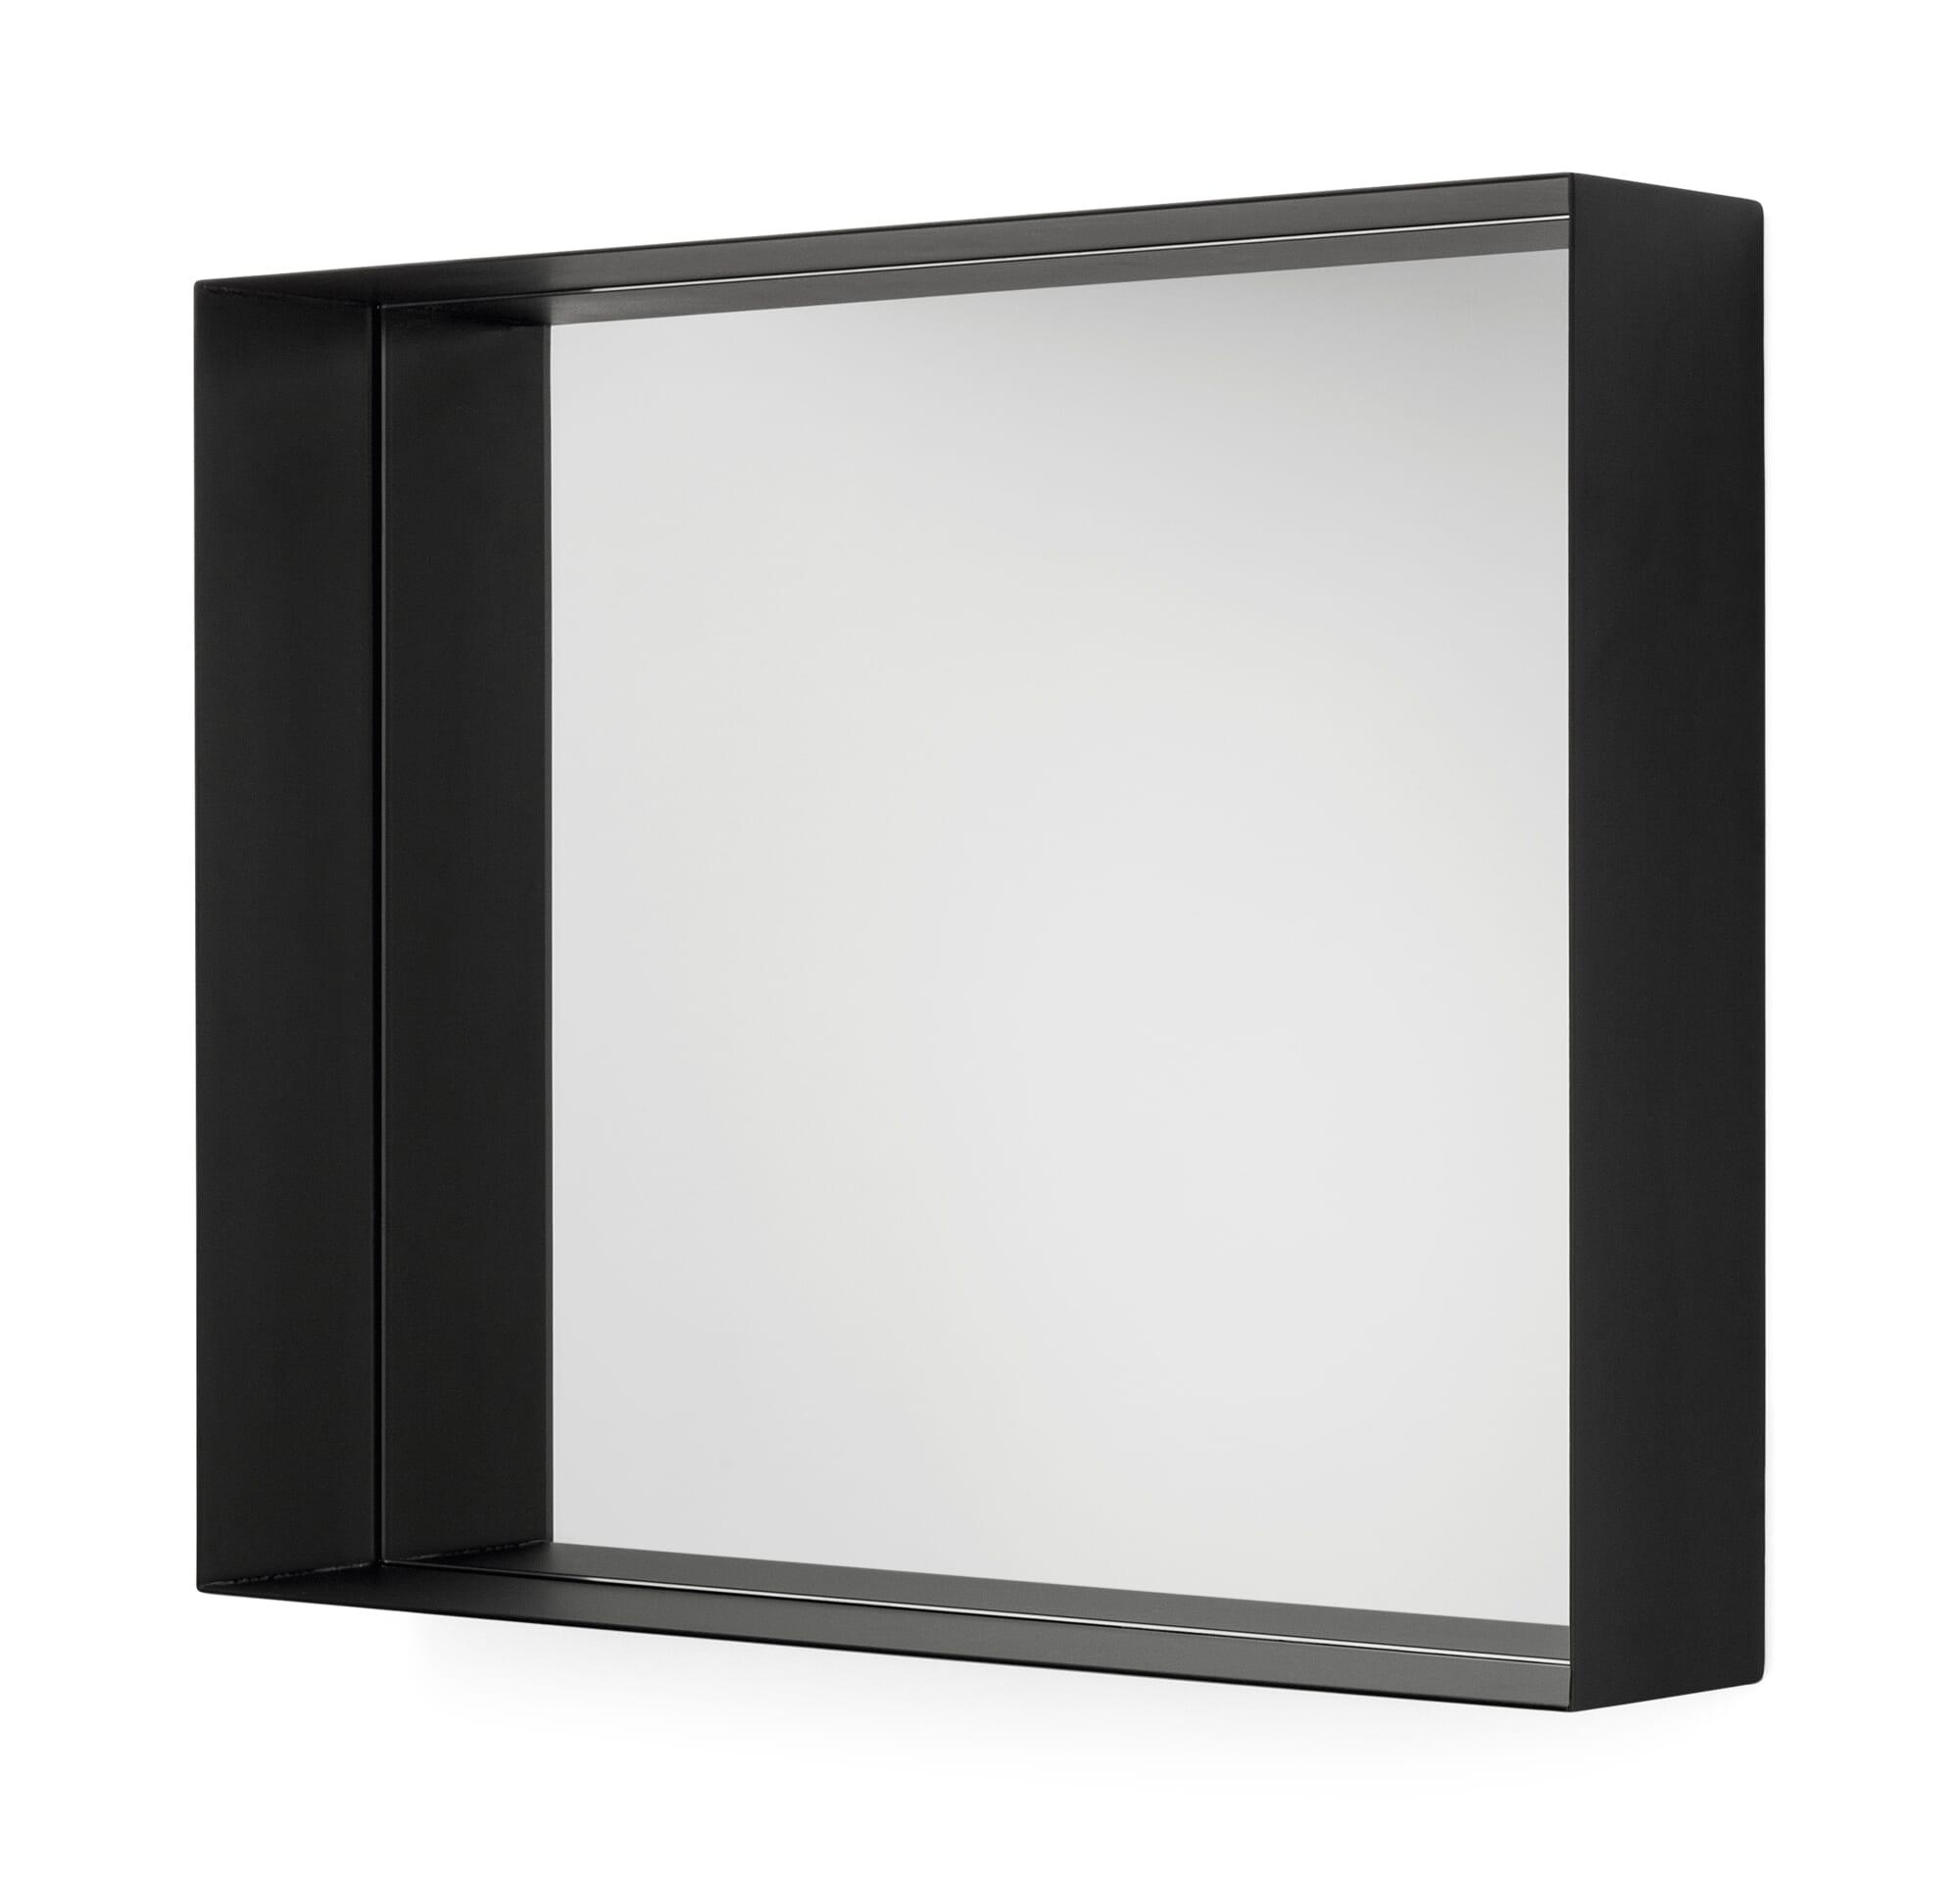 Durch das Spiegelglas